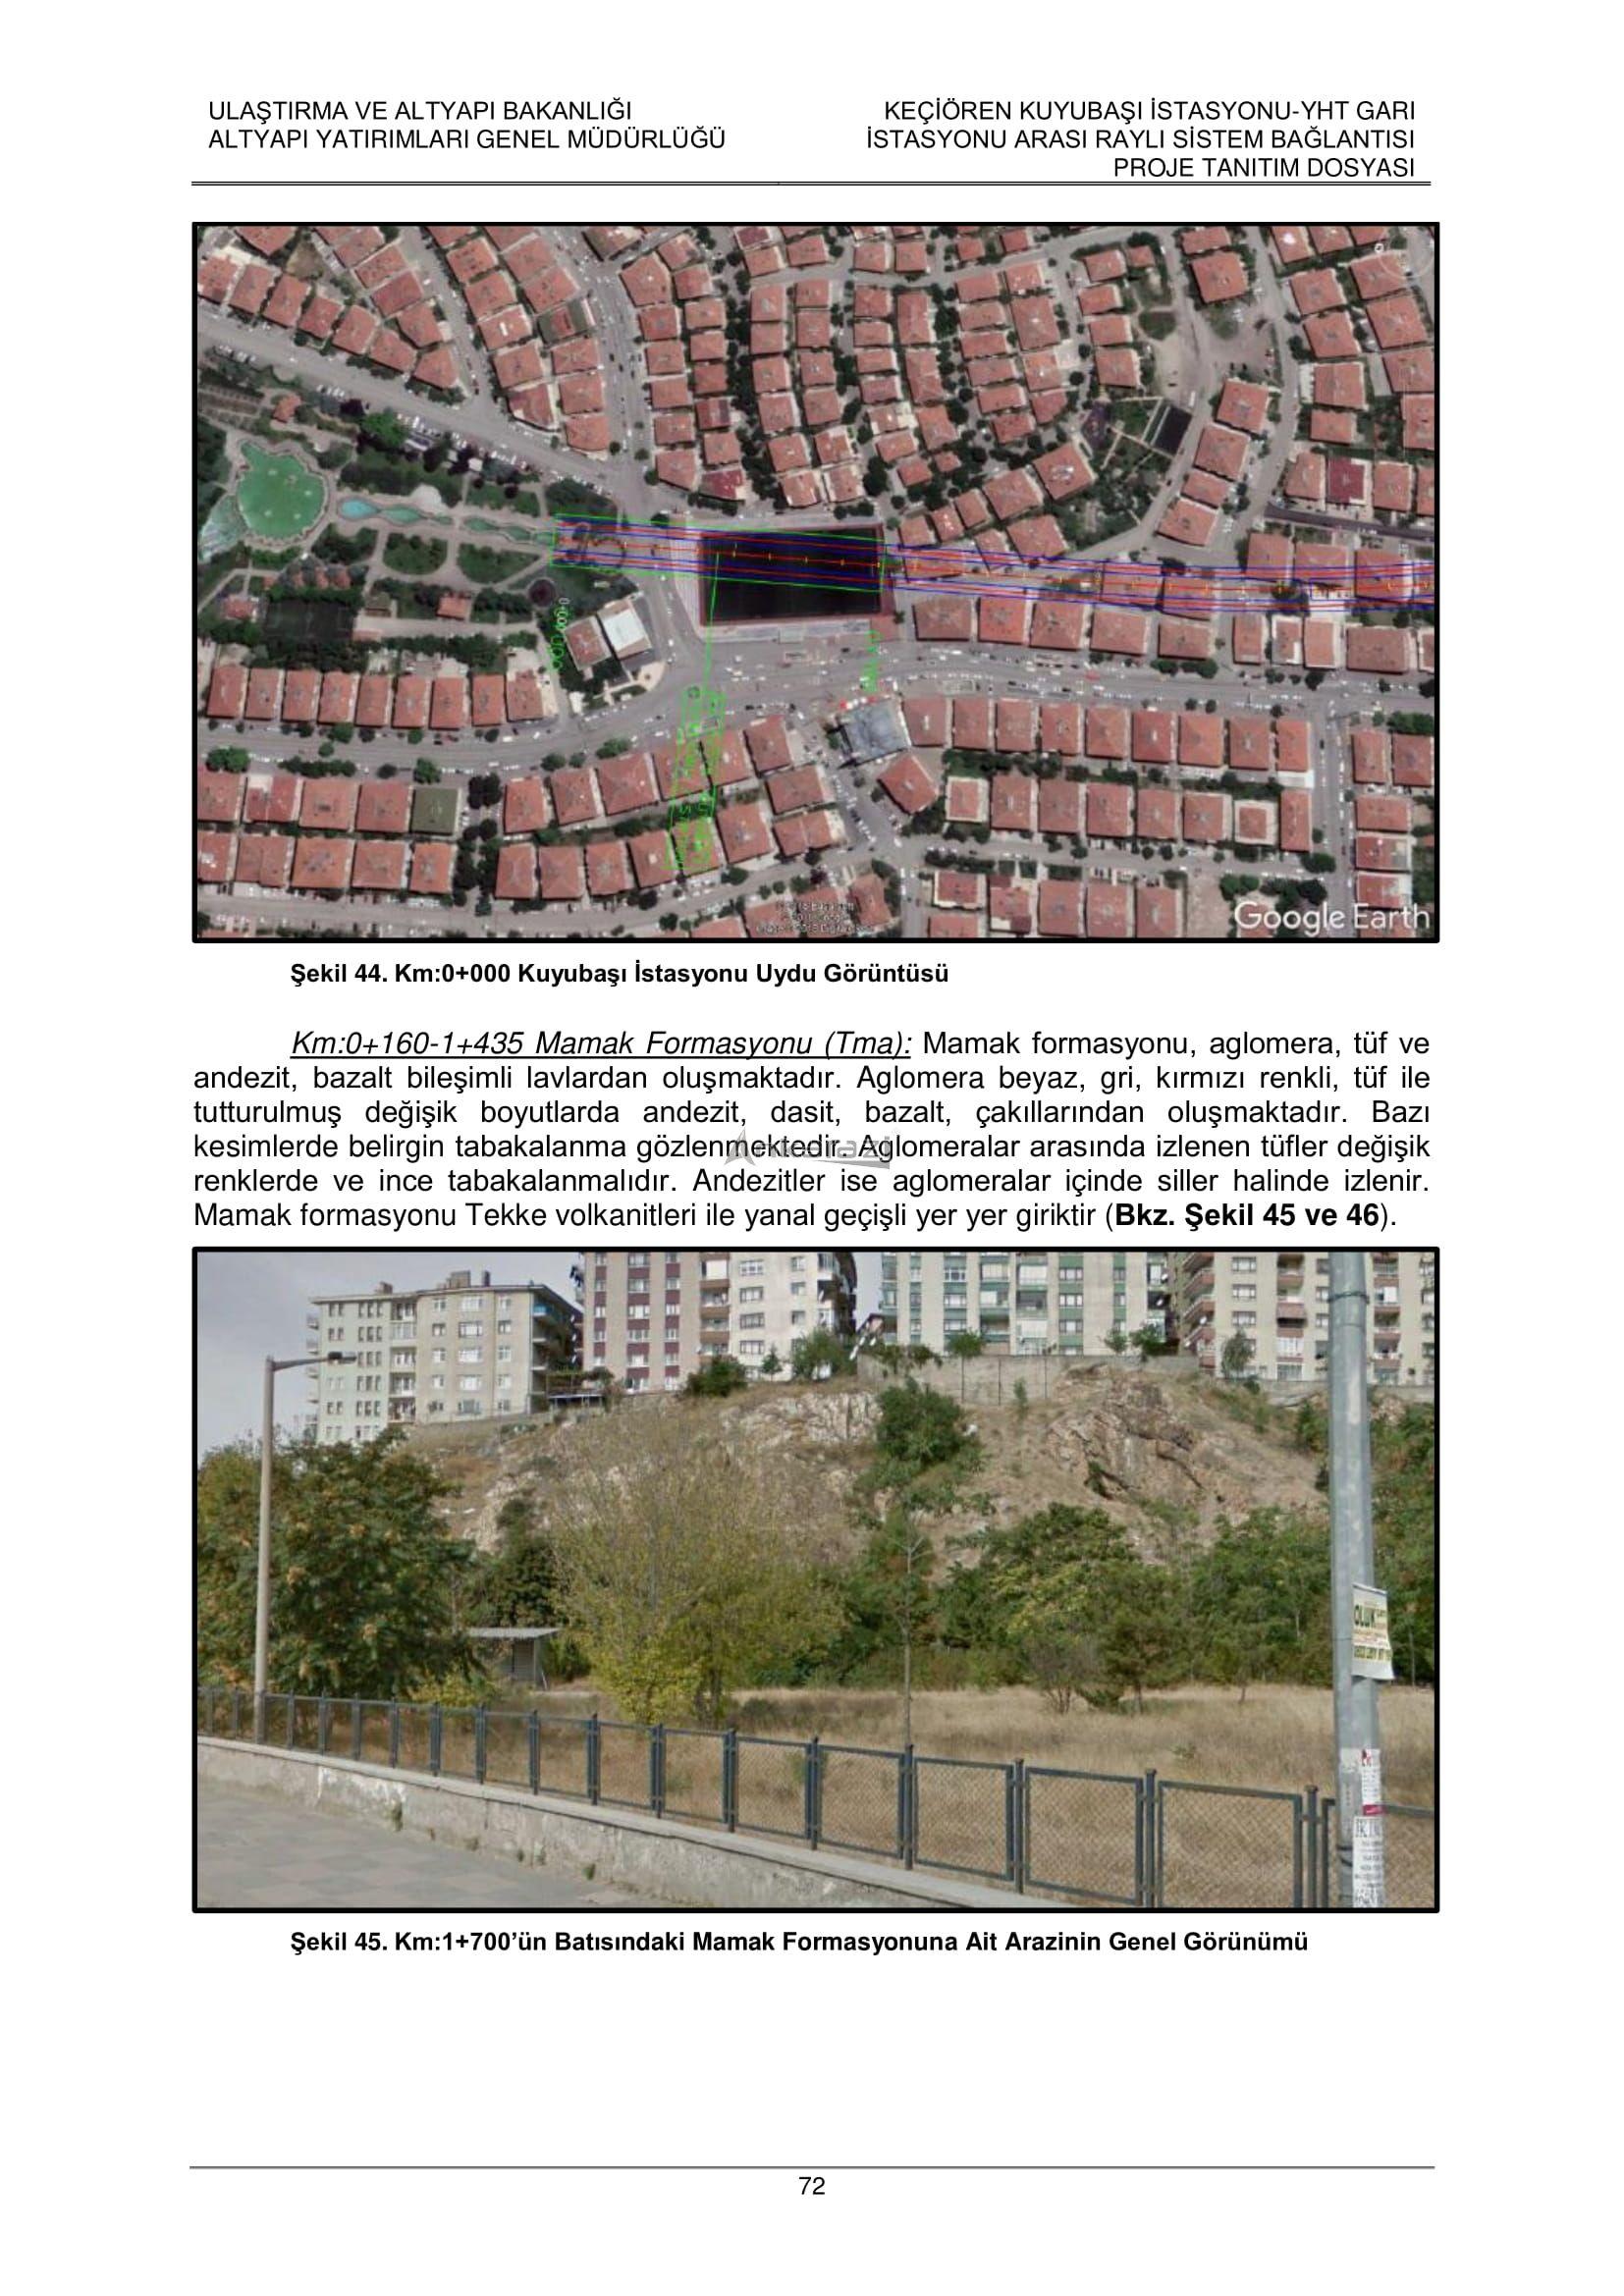 Keçiören-Siteler-YHT Garı Metro Hattı, Nihai Proje Dosyası... 3704